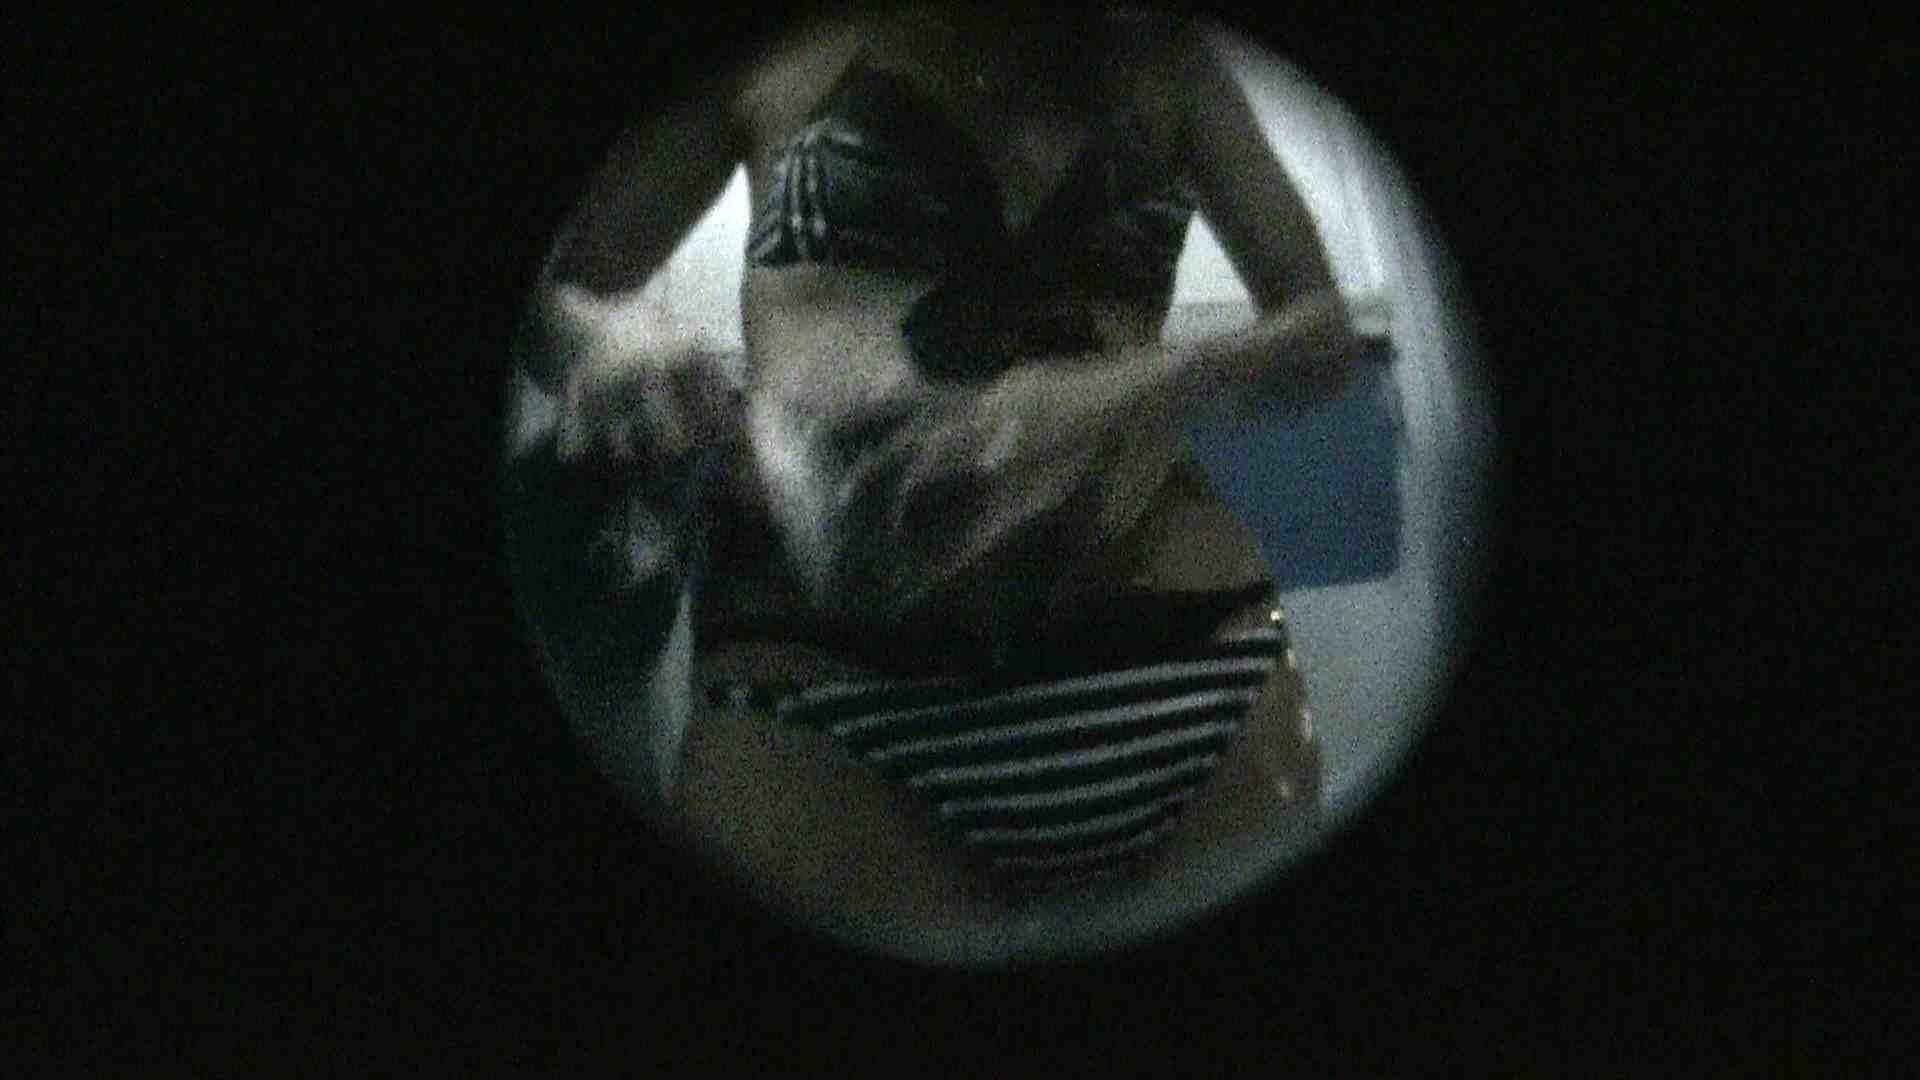 NO.13 暗いですが豪快な砂落としが好印象 シャワー室 セックス画像 107連発 35